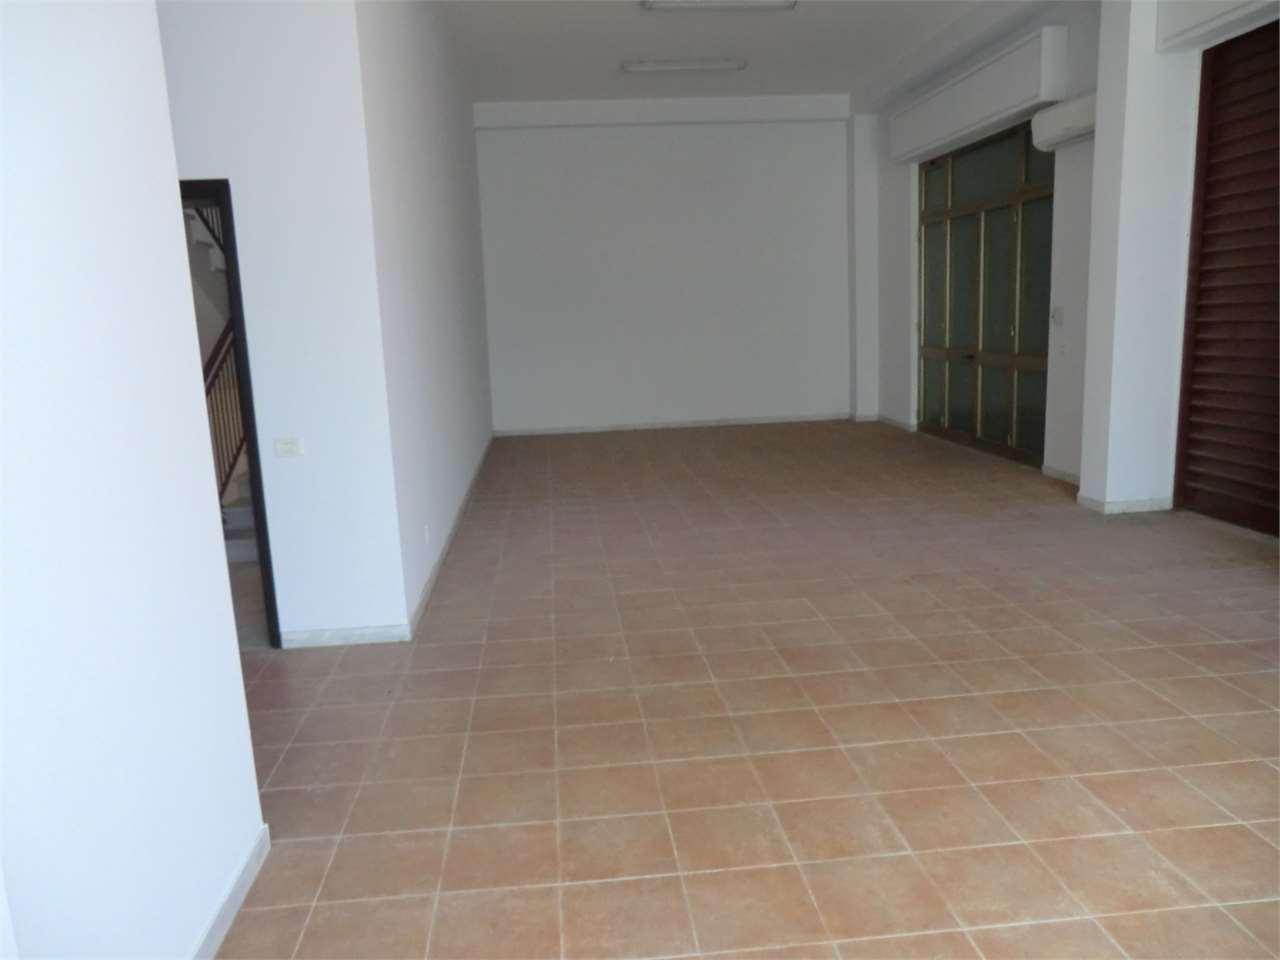 Negozio / Locale in vendita a Camporotondo Etneo, 9999 locali, prezzo € 80.000 | Cambio Casa.it